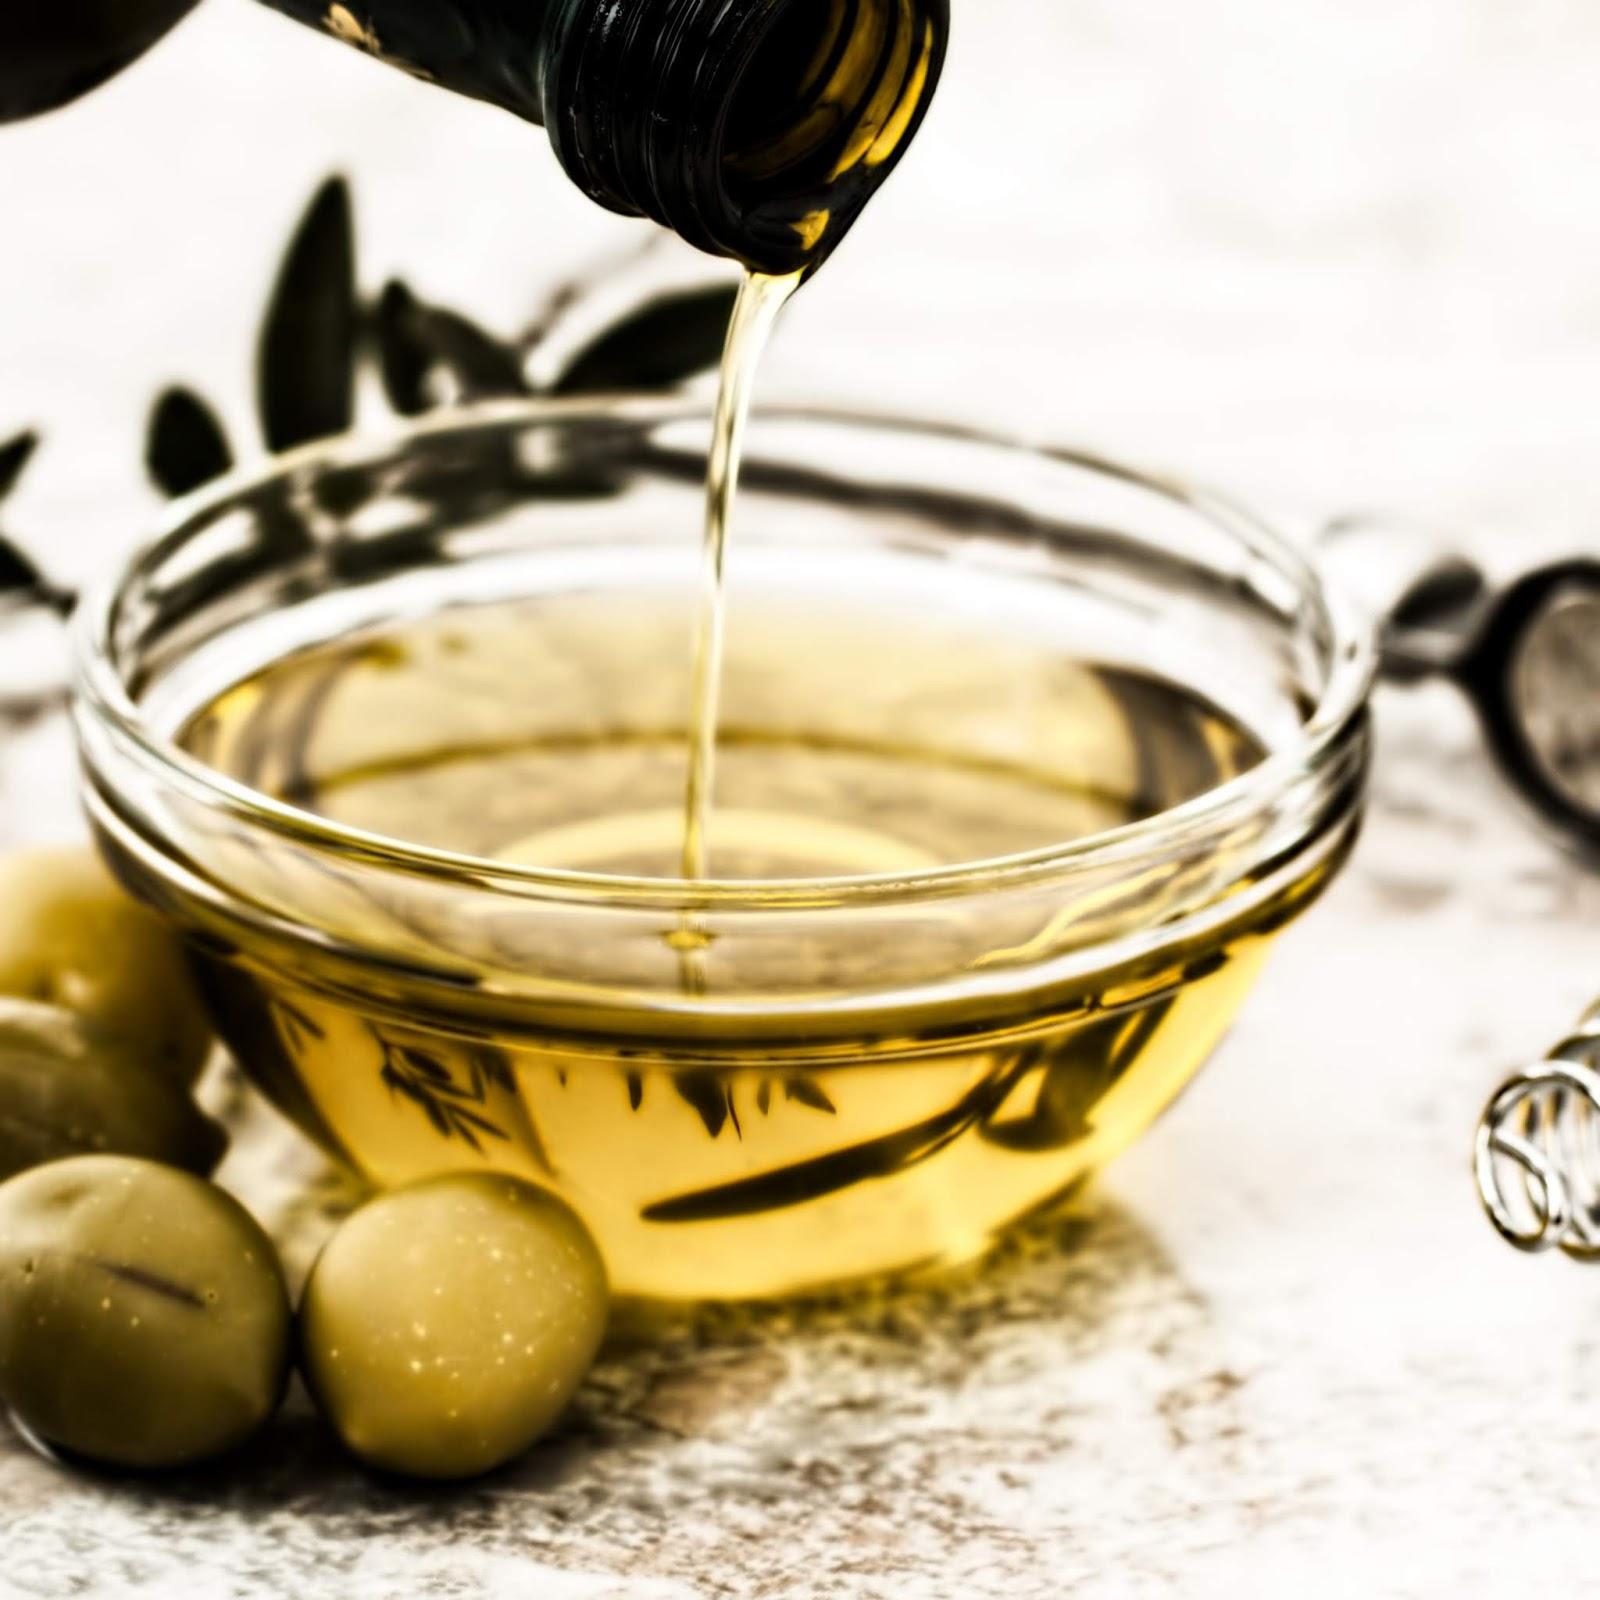 The Sunshine Bride 2 Step Easy Diy Infused Olive Oil